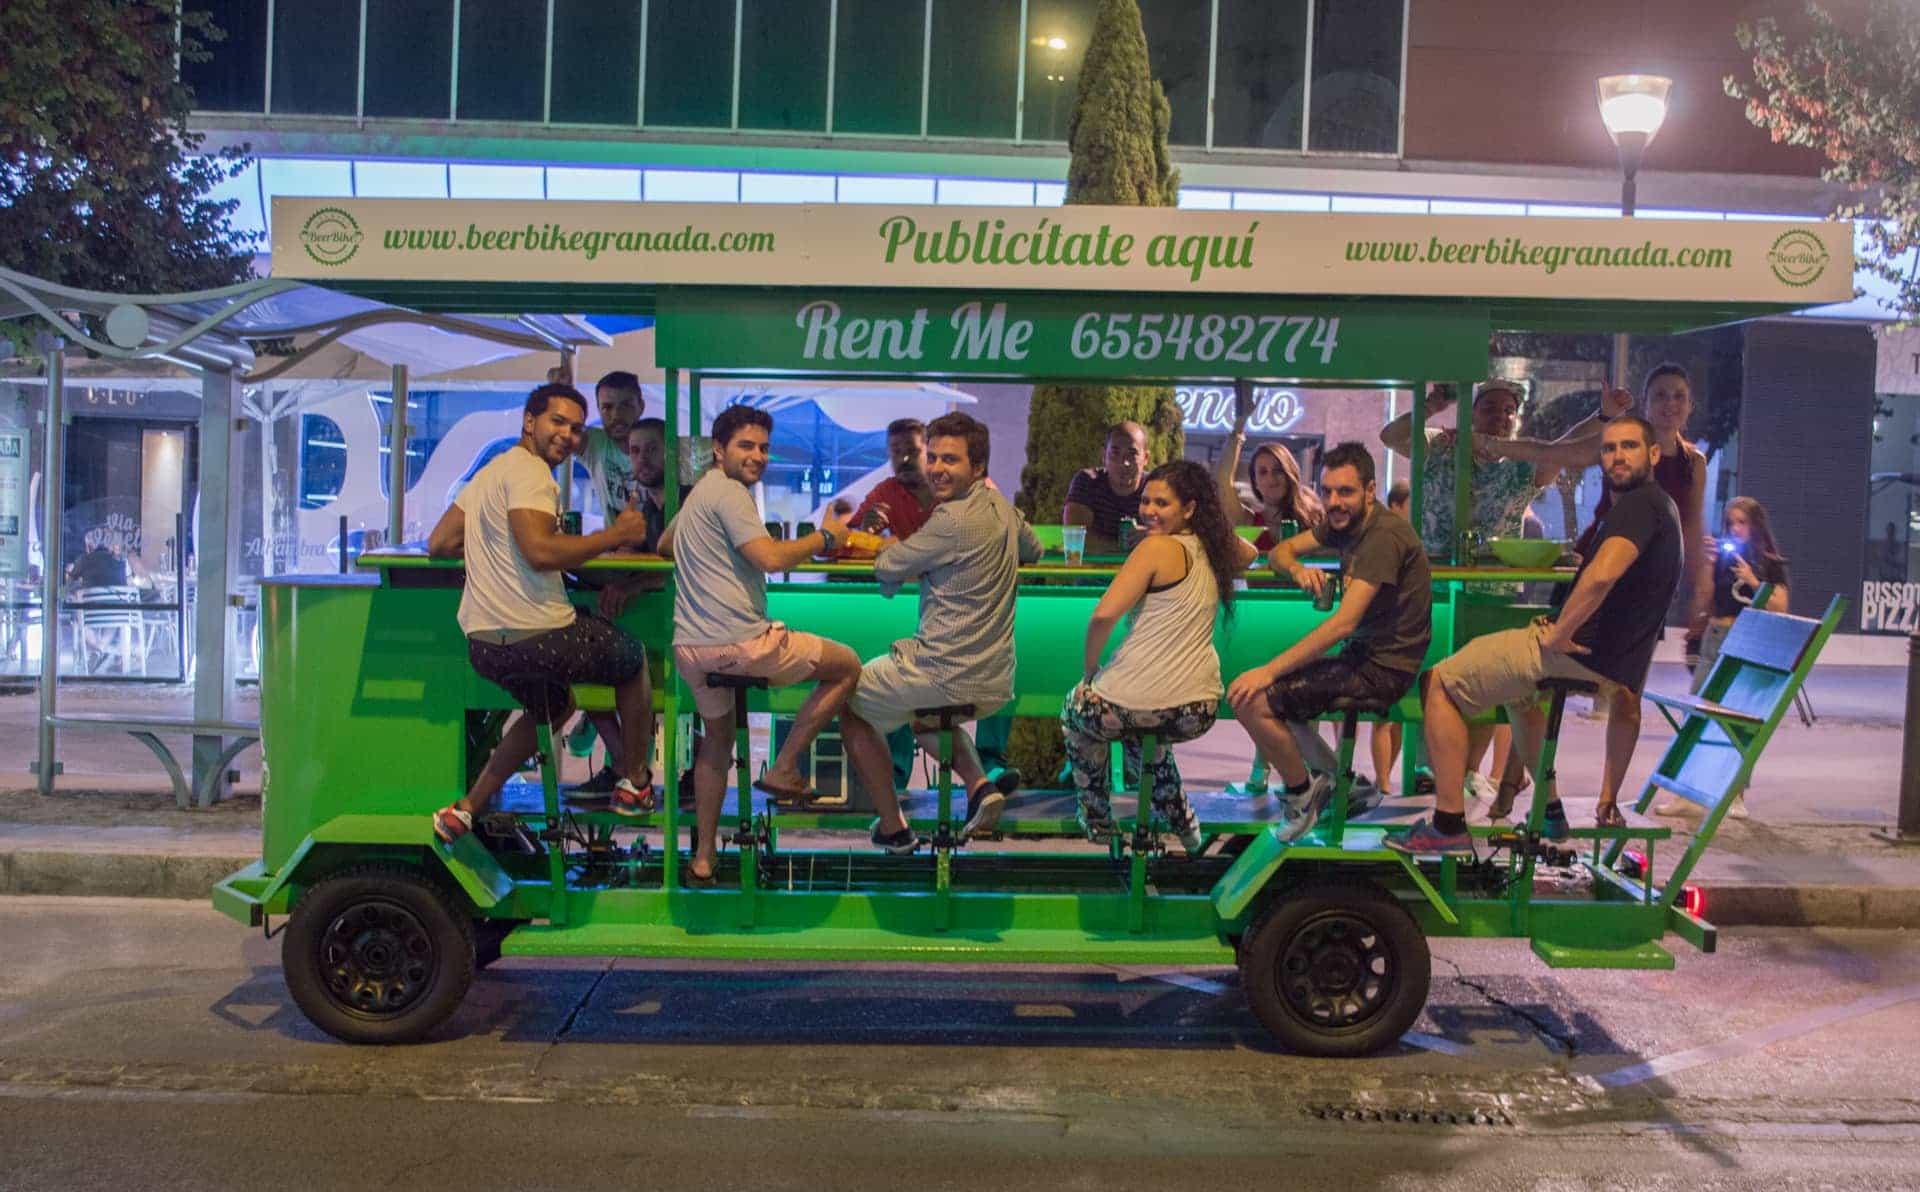 BeerBike Granada imagen 1